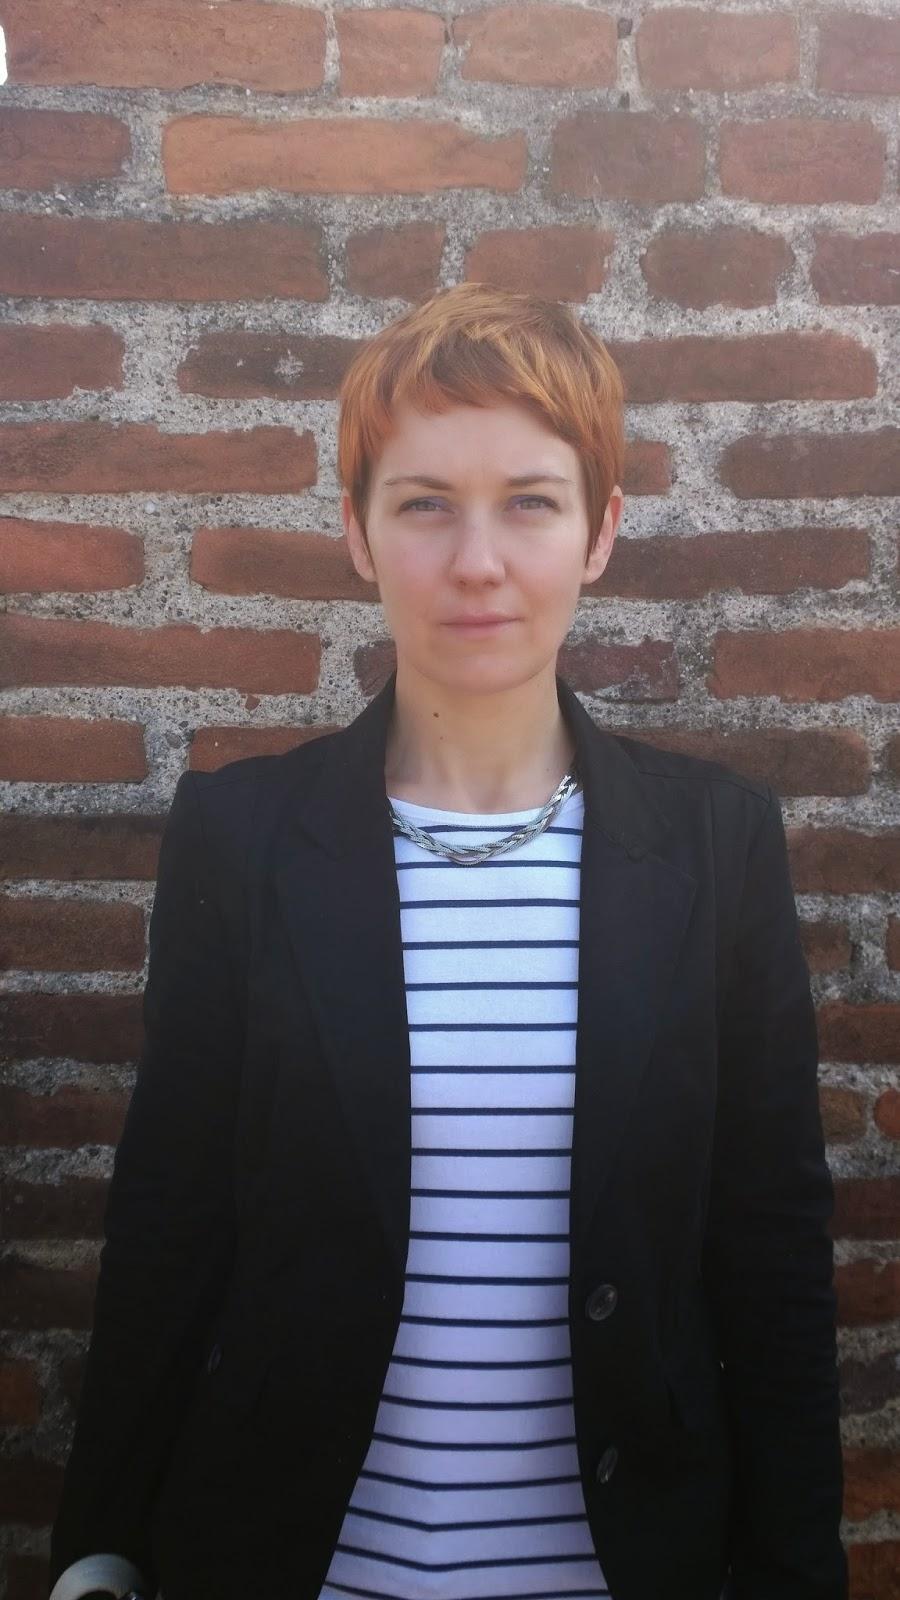 Frontal view, black blazer & striped shirt